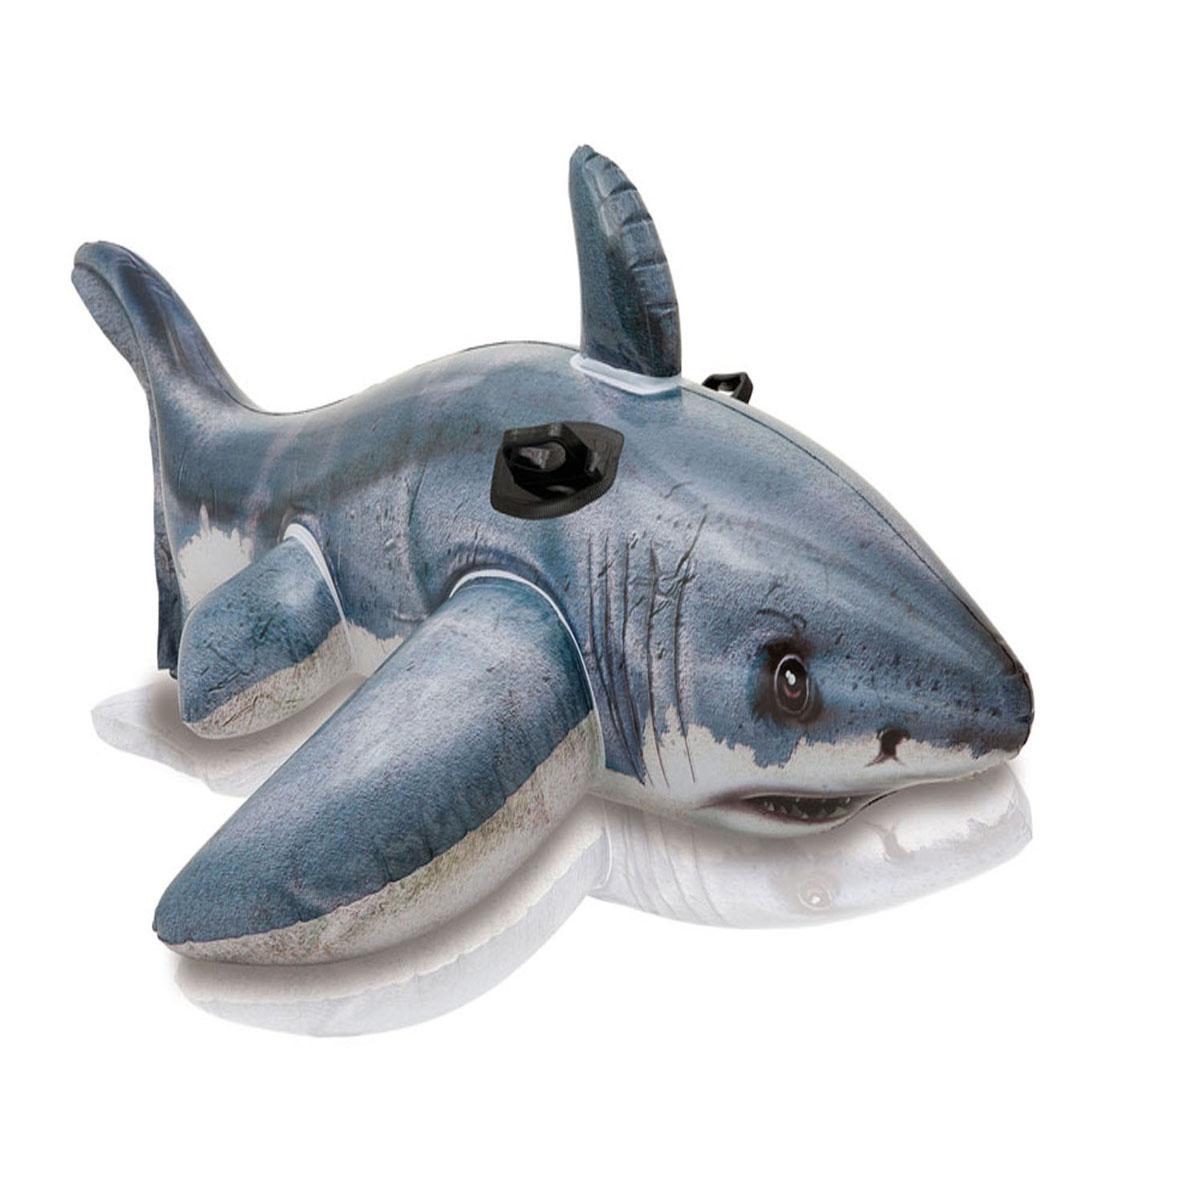 Большая надувная белая акула - Детские надувные игрушки и бассейны, артикул: 96963